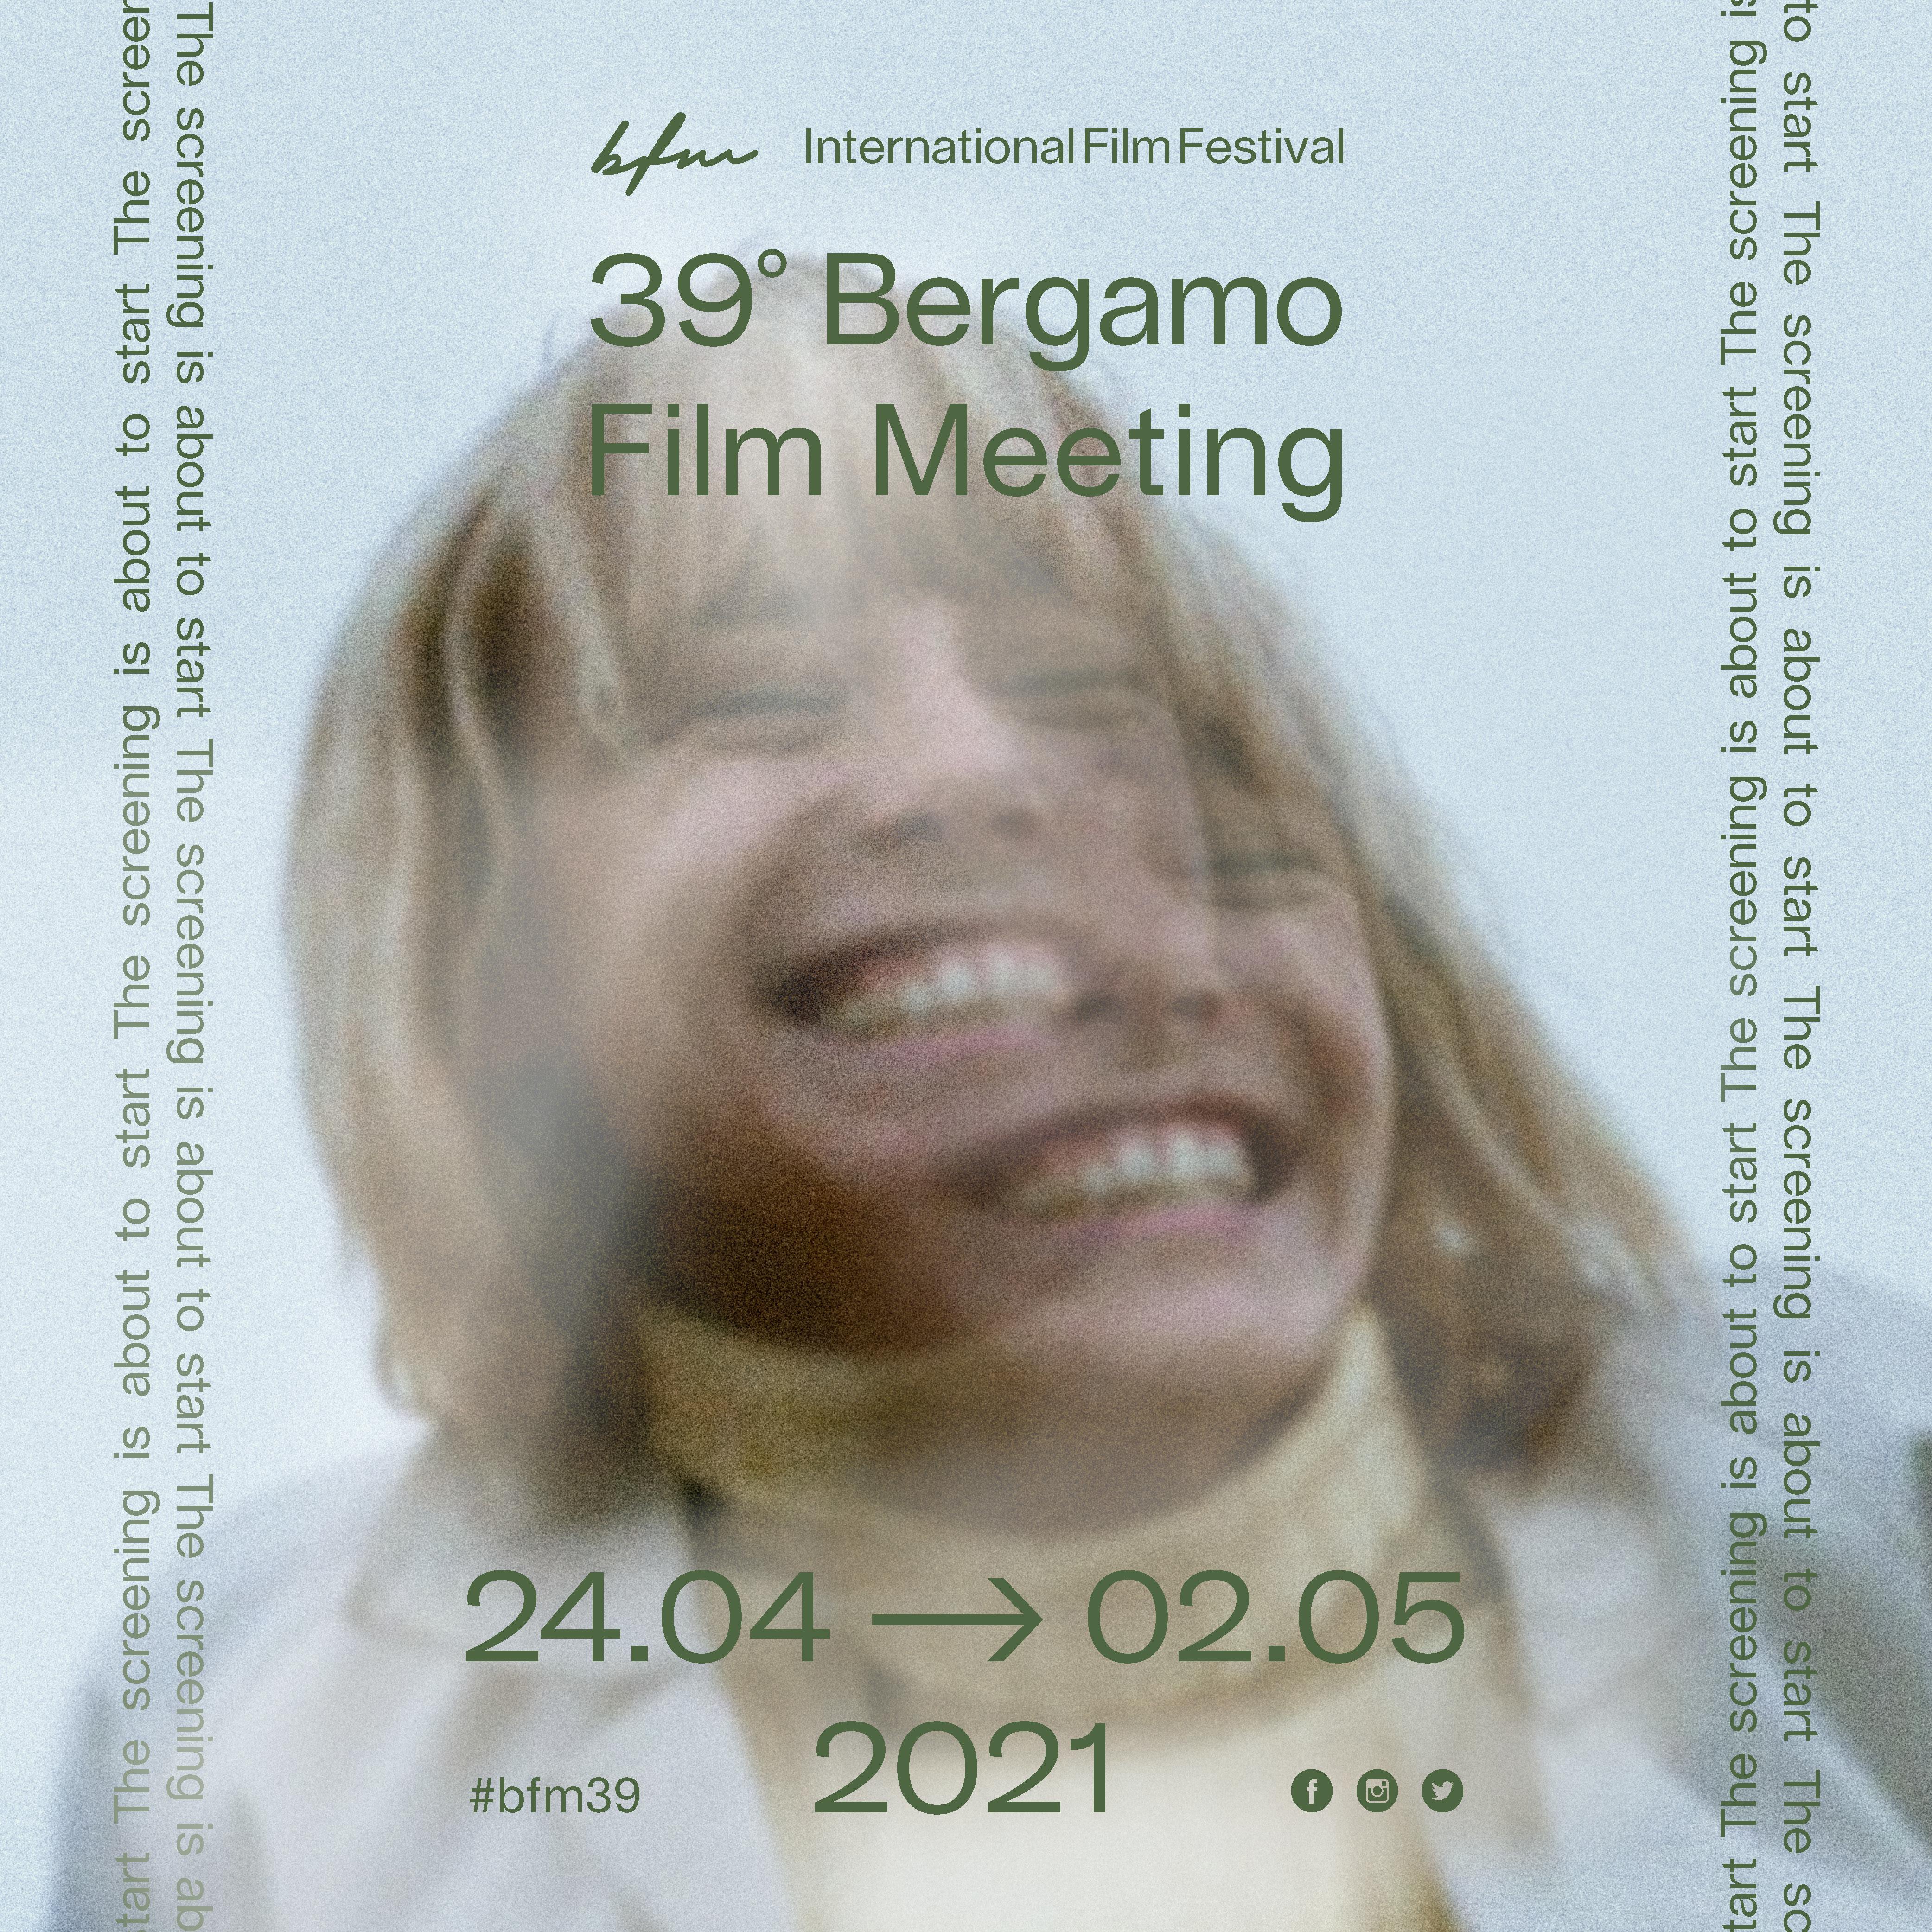 Bergamo Film Meeting - L'immagine del Festival, in programma dal 24 aprile al 2 maggio